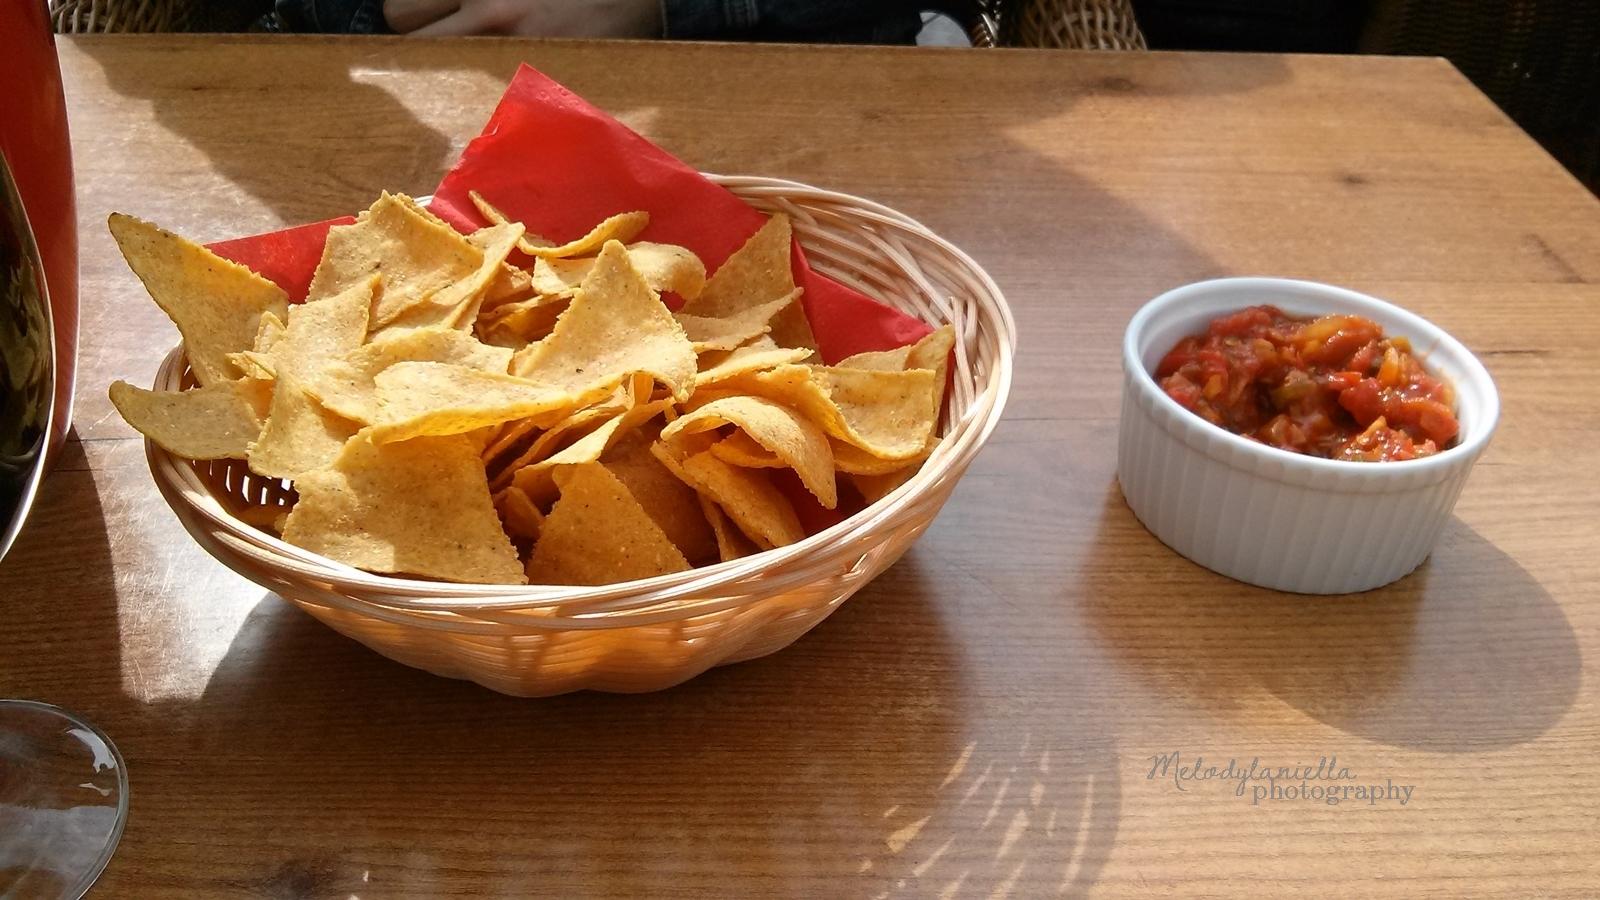 poznan restauracje gdzie zjesc w poznaniu czerwone sombrerro jedznie  dobre lody fajna ukrajna moa burger pysna chalupa lapu papu nachos